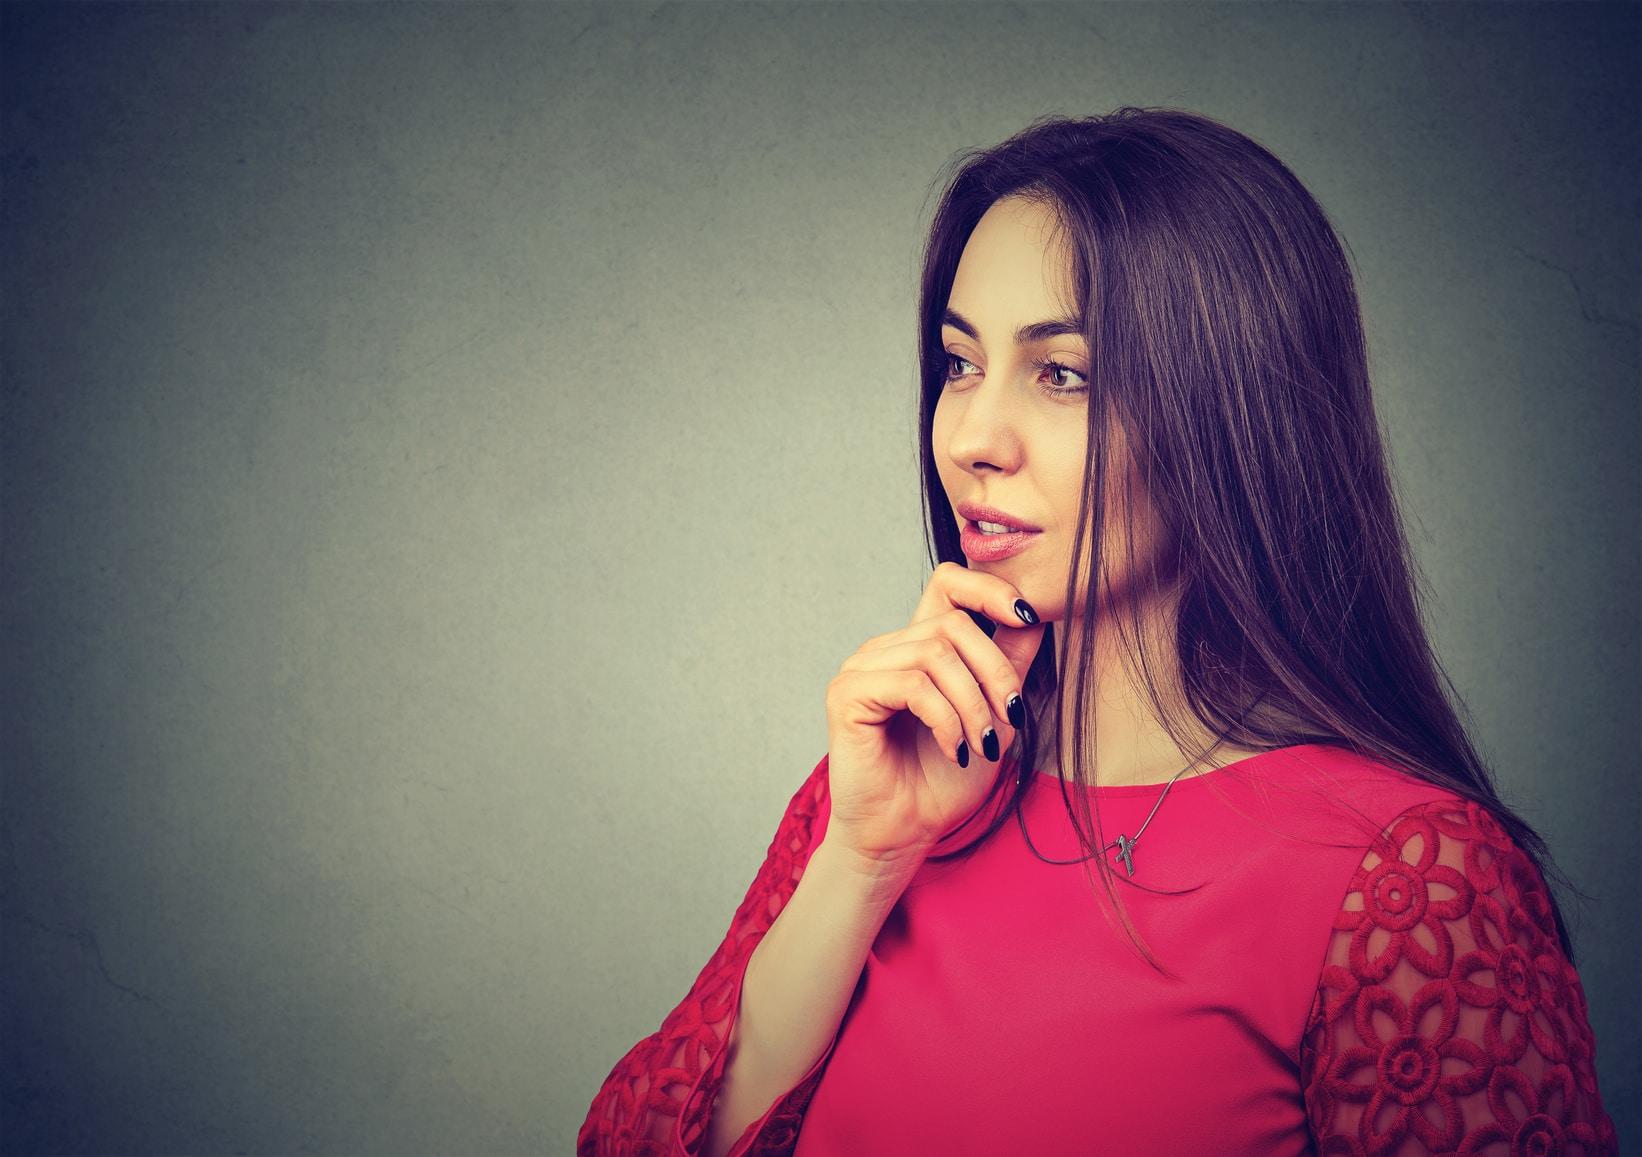 Eine Frau mit langen schwarzen Haaren schaut sehr selbstbewusst in die Ferne. Sie hält dabei ihren rechten Arm unter dem Kopf, denn diese Mimik soll Stärke und Sicherheit in der Gefühlsbalance ausdrücken. Sie ist bekleidet mit einem roten Pullover. Der Hintergrund ist grau.